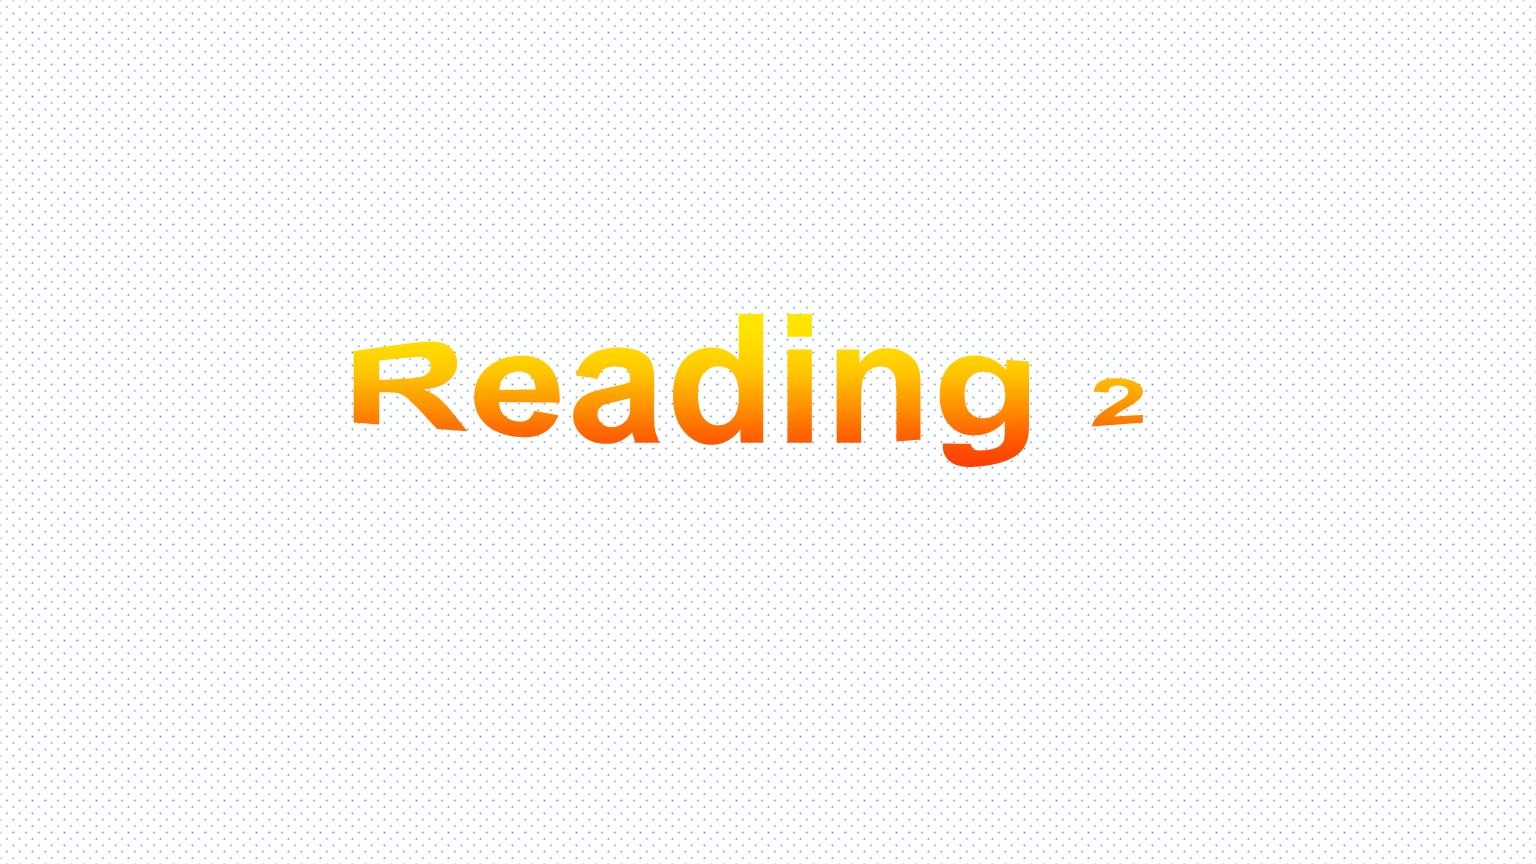 2018春牛津译林版英语八年级下册课件:U6 Reading 2.pptx